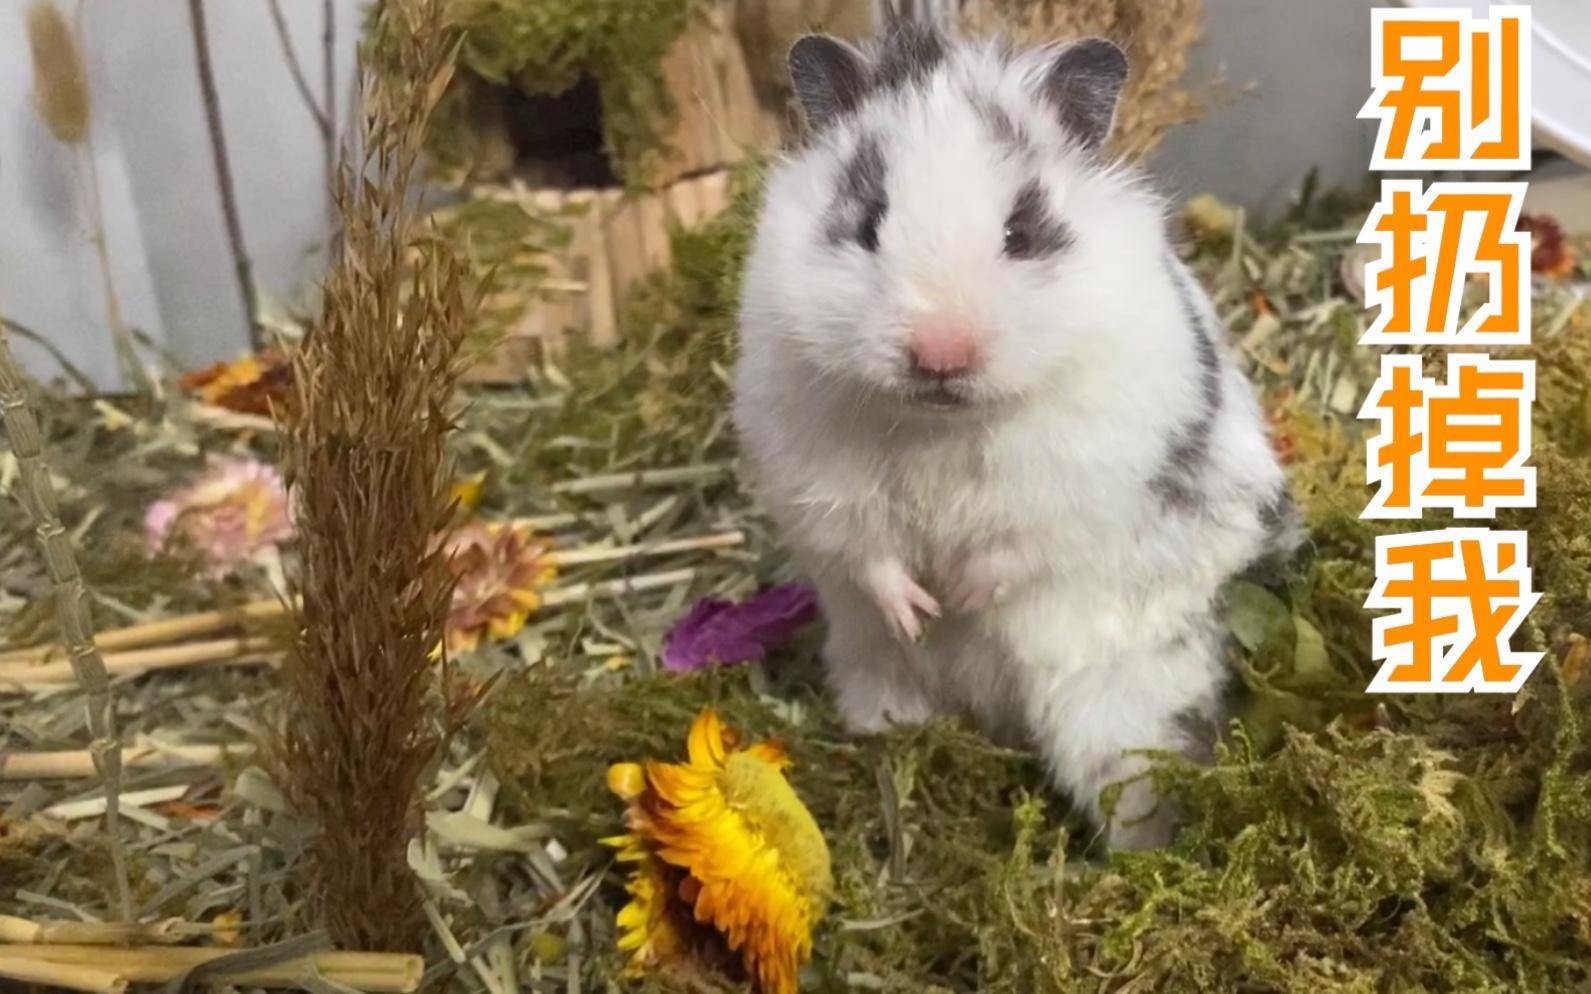 做了个沉重的决定, 我把仓鼠放生了。 金丝熊自然风造景